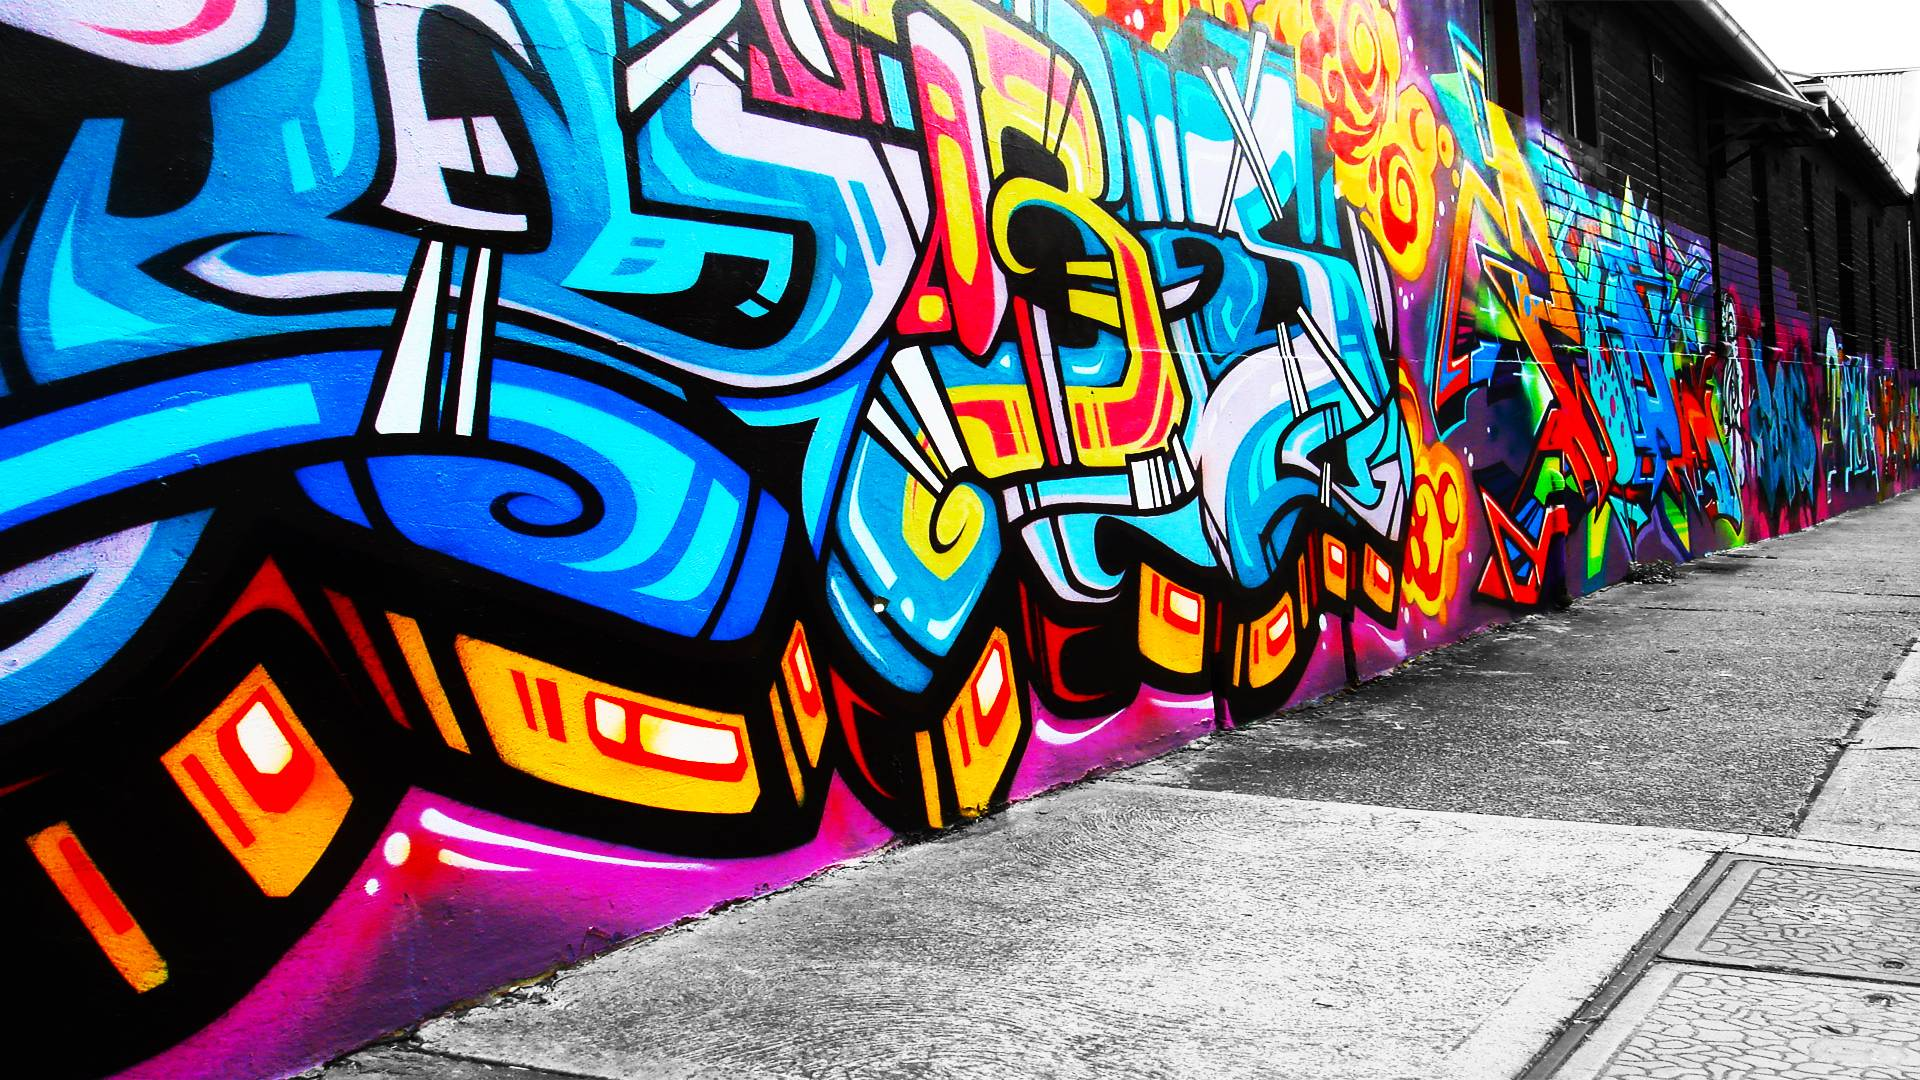 graffiti wallpaper designs - photo #18